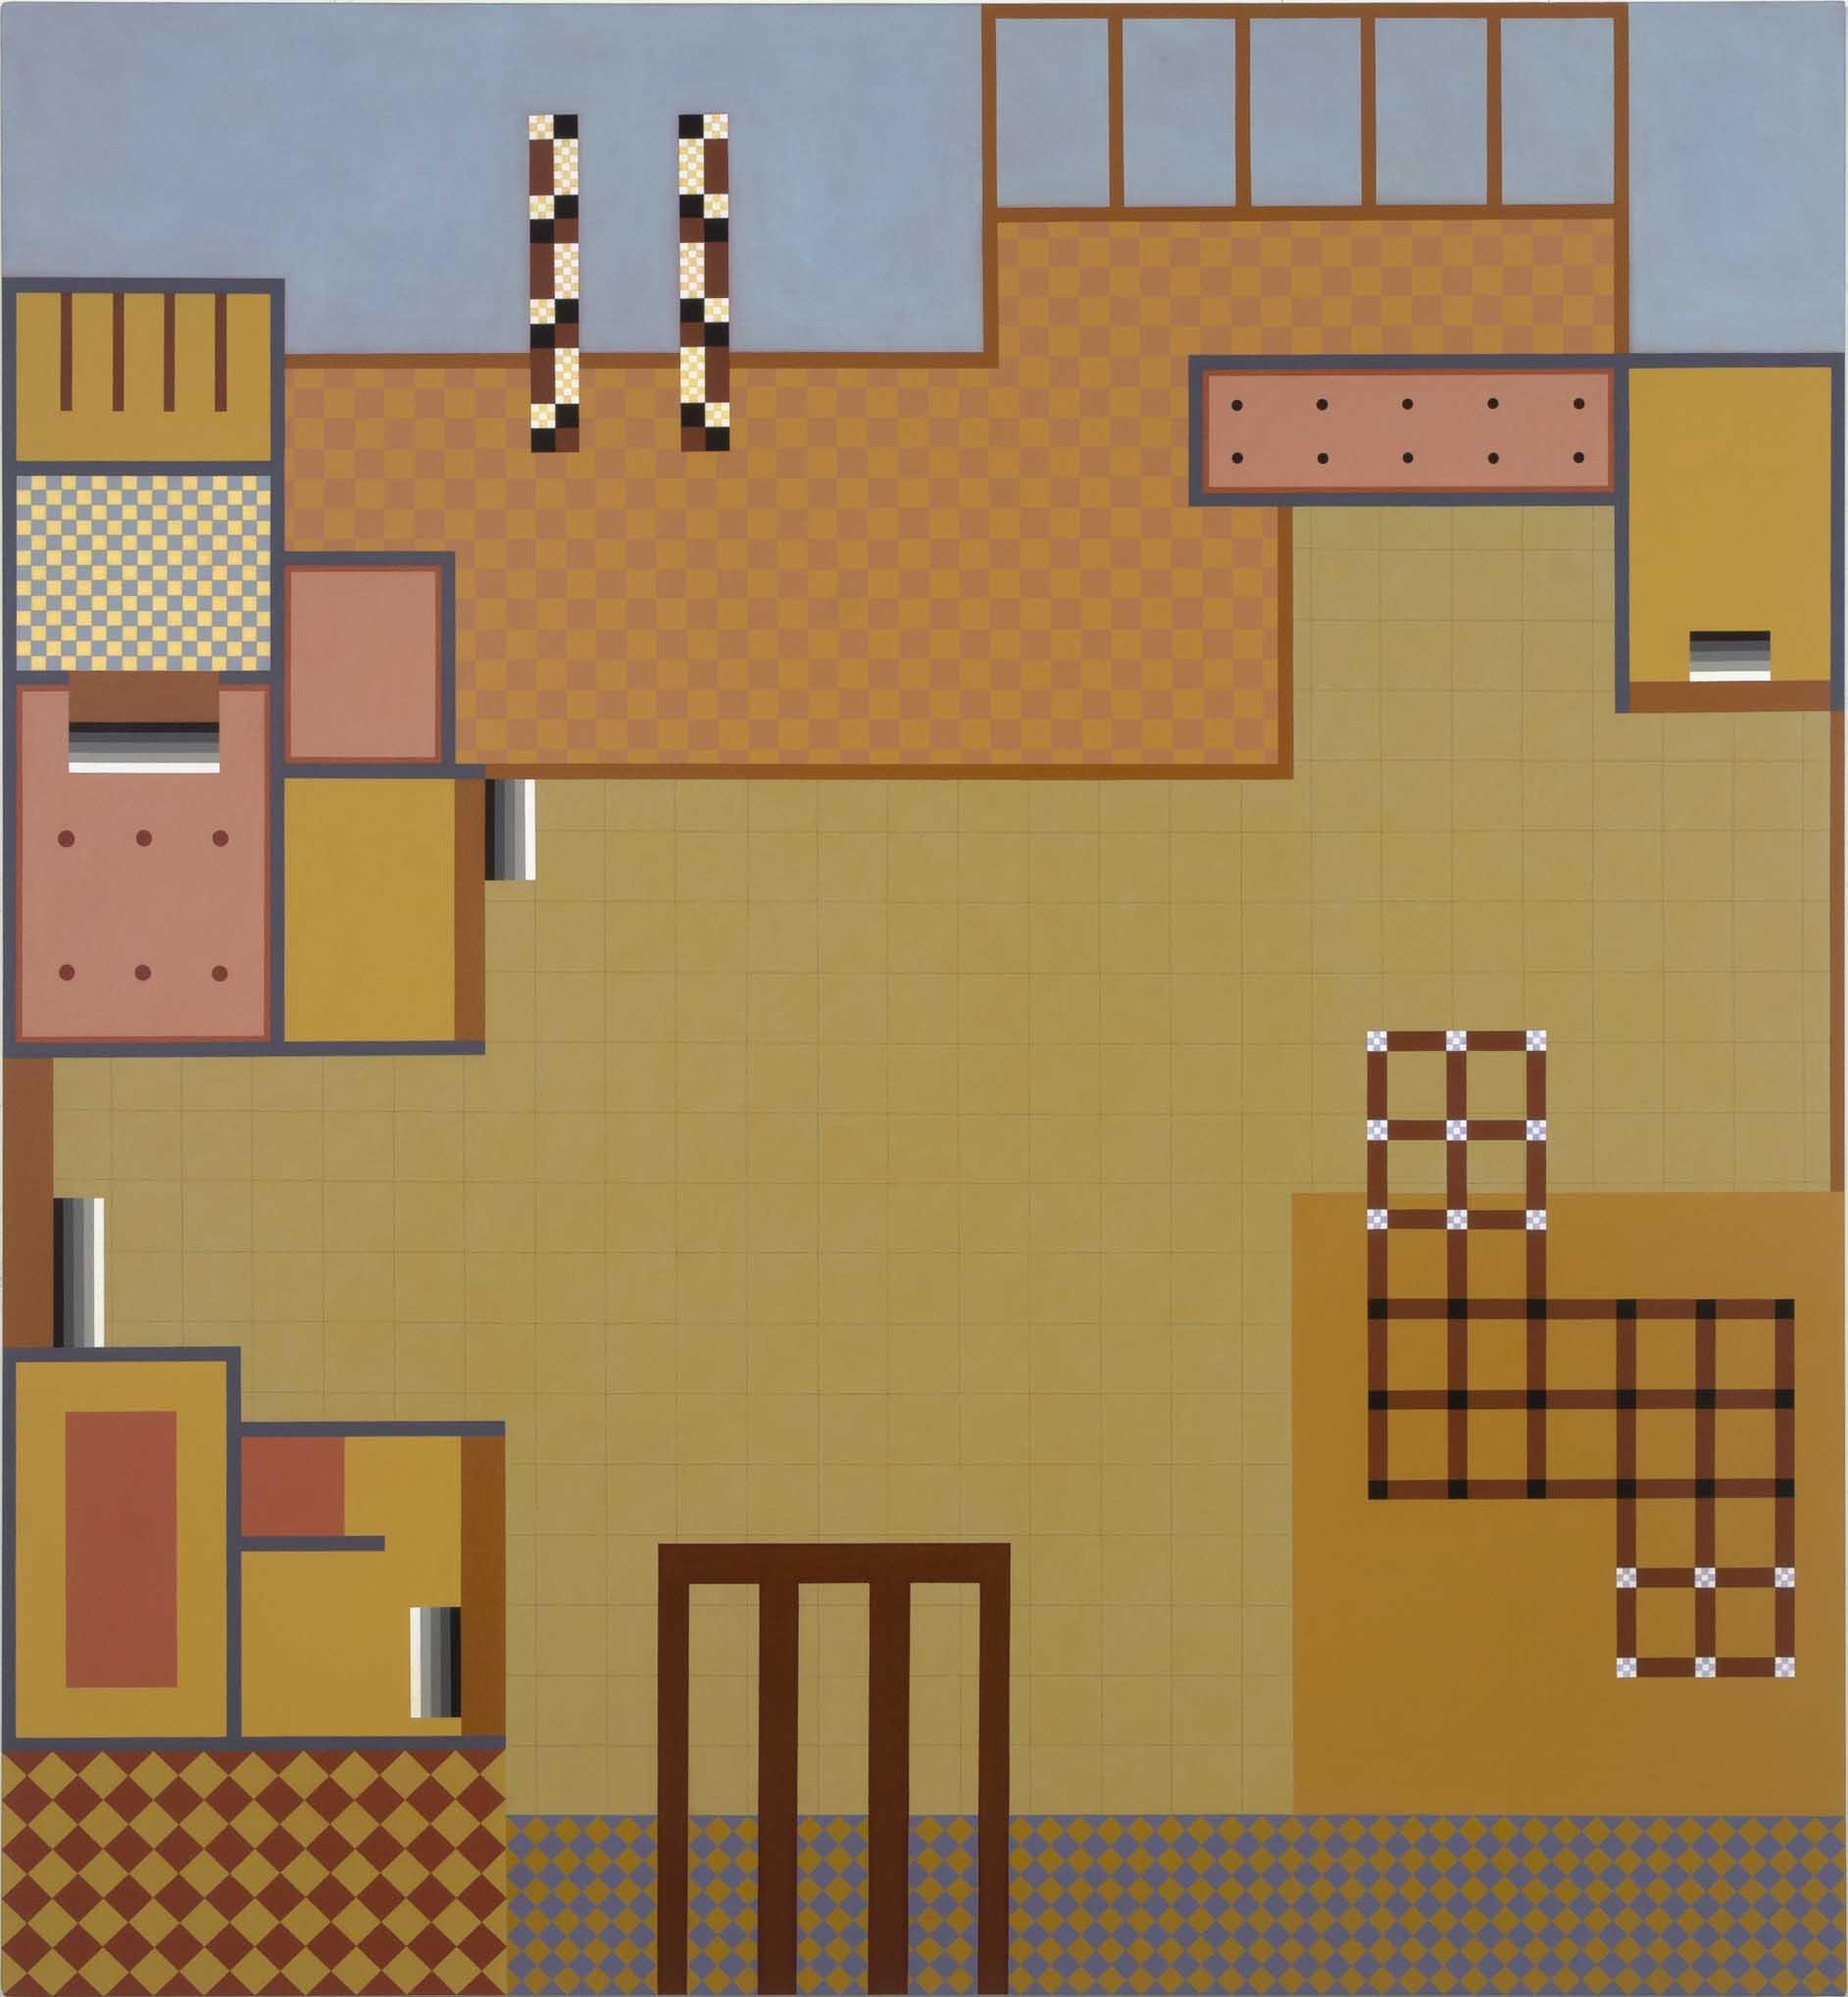 Piazza, 2015. acrylic on canvas, 198 x 183cm, $16,500